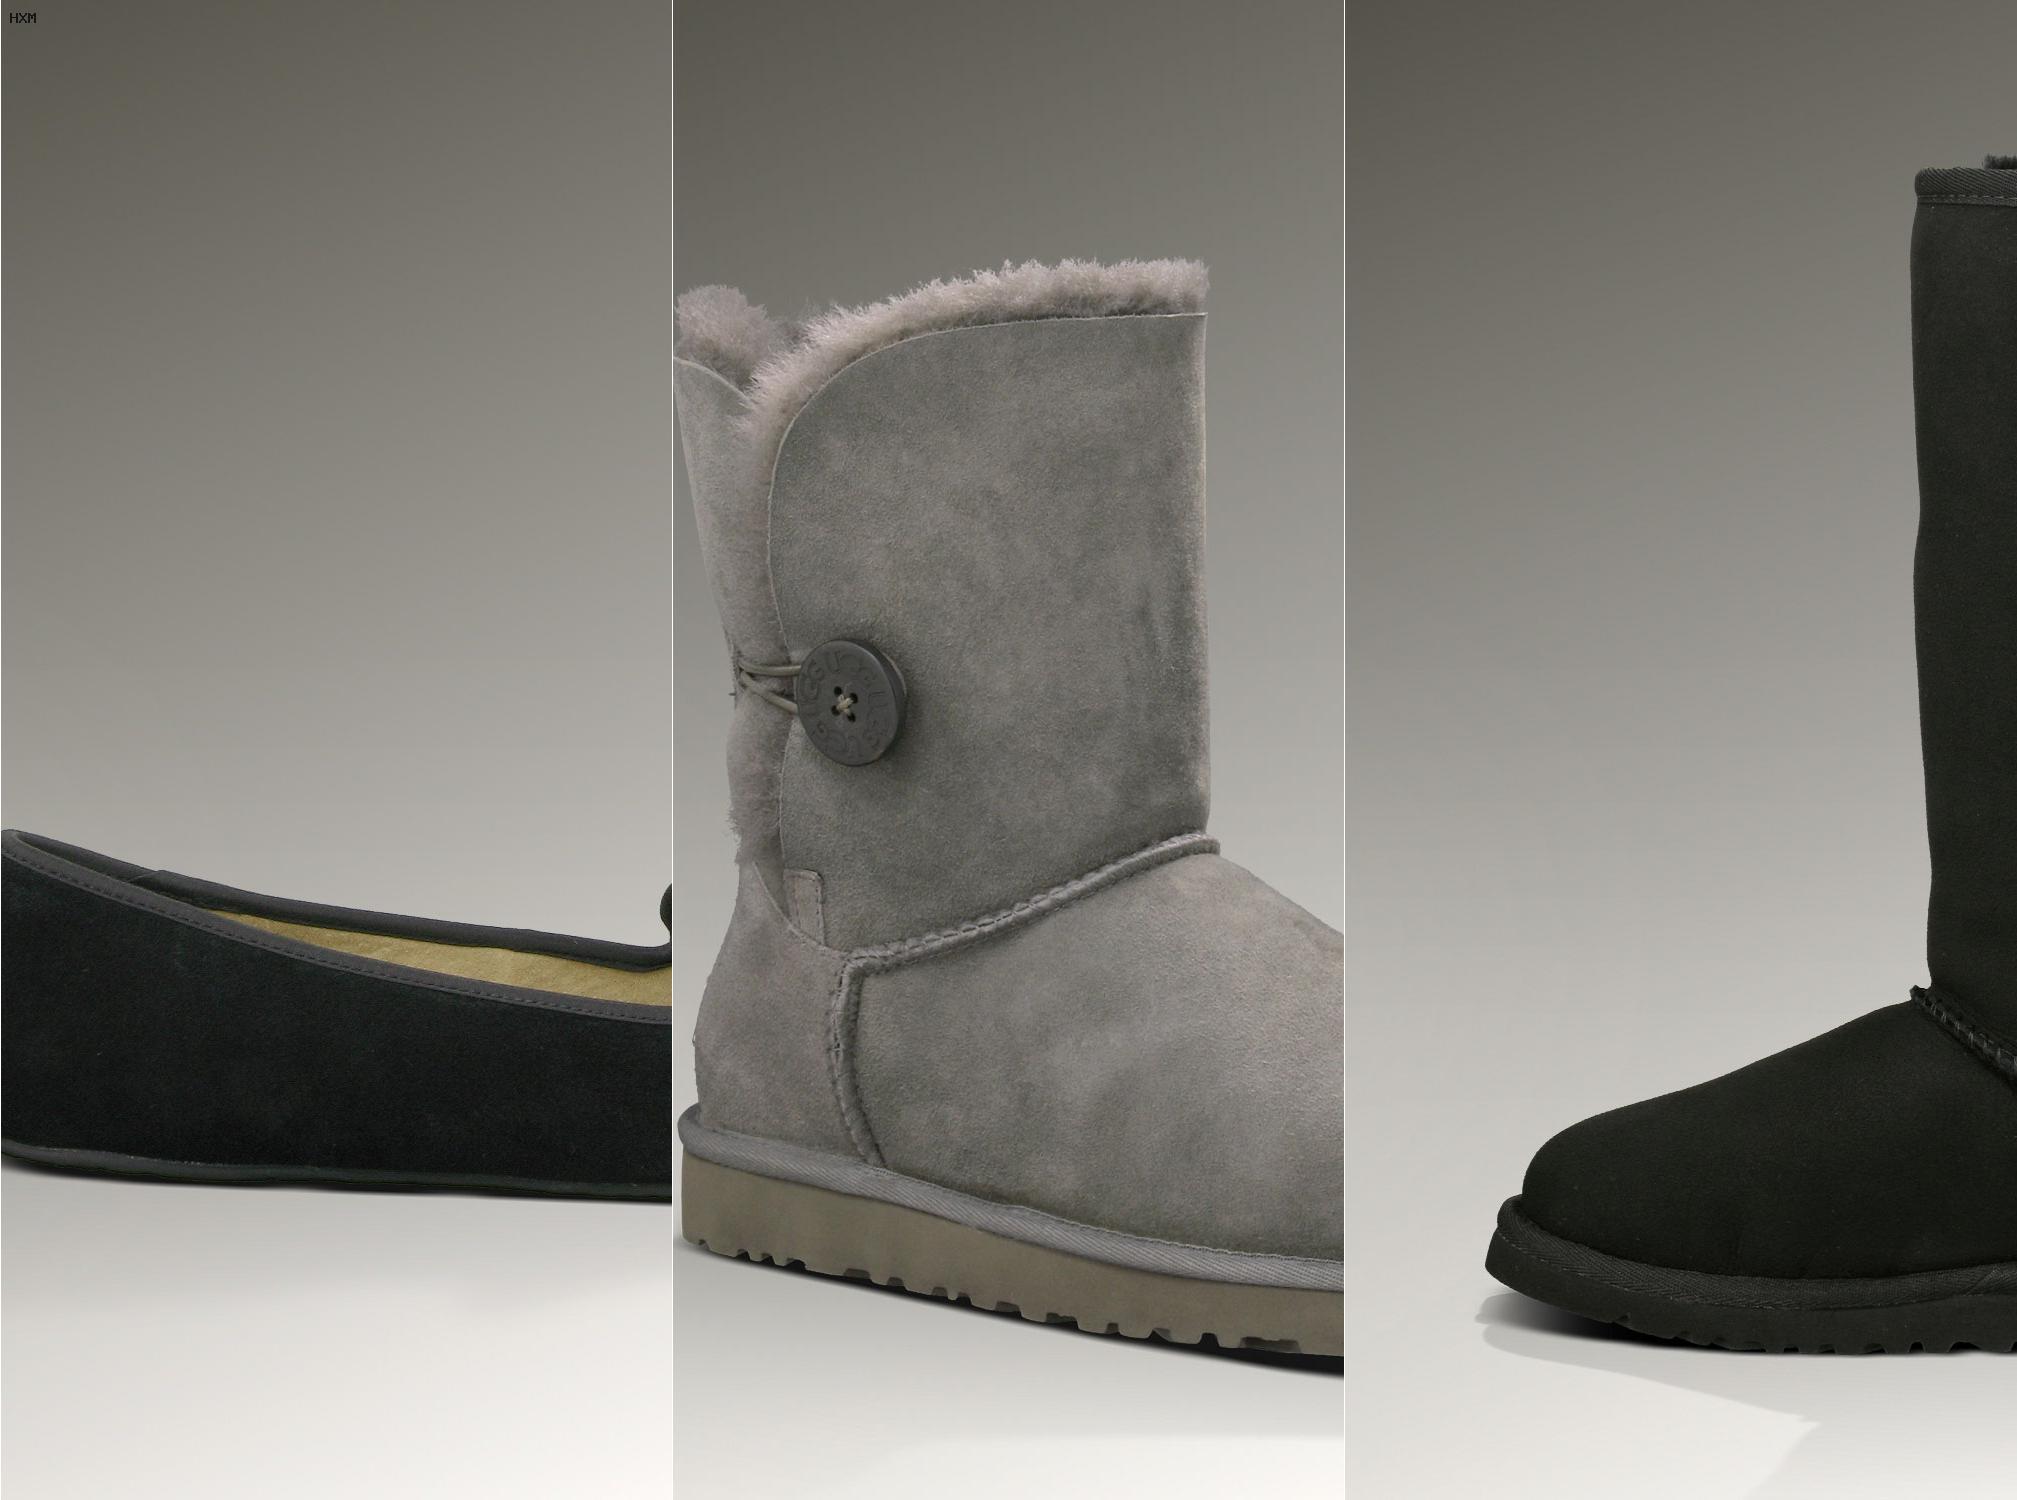 wholesale dealer outlet boutique new arrival ugg boots outlet brisbane